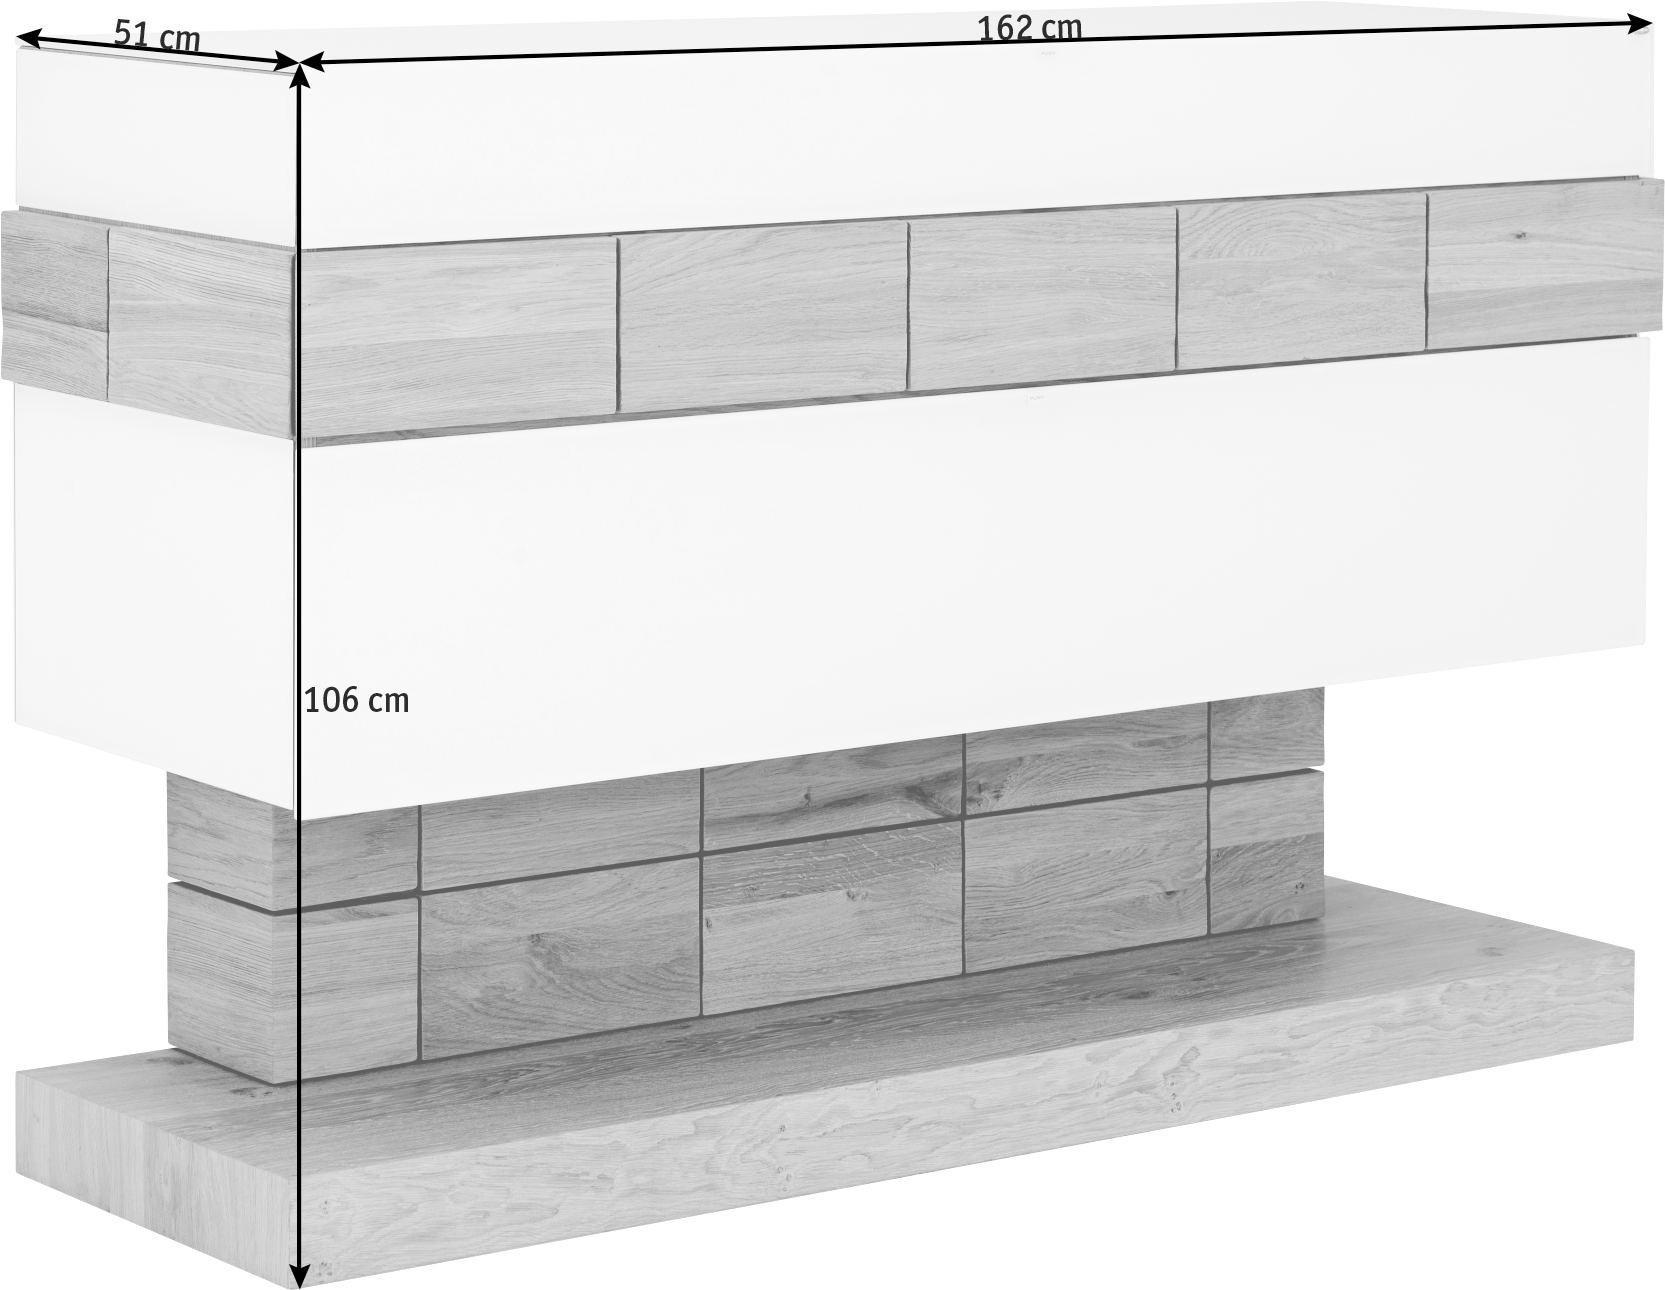 SIDEBOARD Wildeiche massiv, mehrschichtige Massivholzplatte (Tischlerplatte) geölt Eichefarben, Weiß - Eichefarben/Weiß, Design, Glas/Holz (162/106/51cm) - VOGLAUER